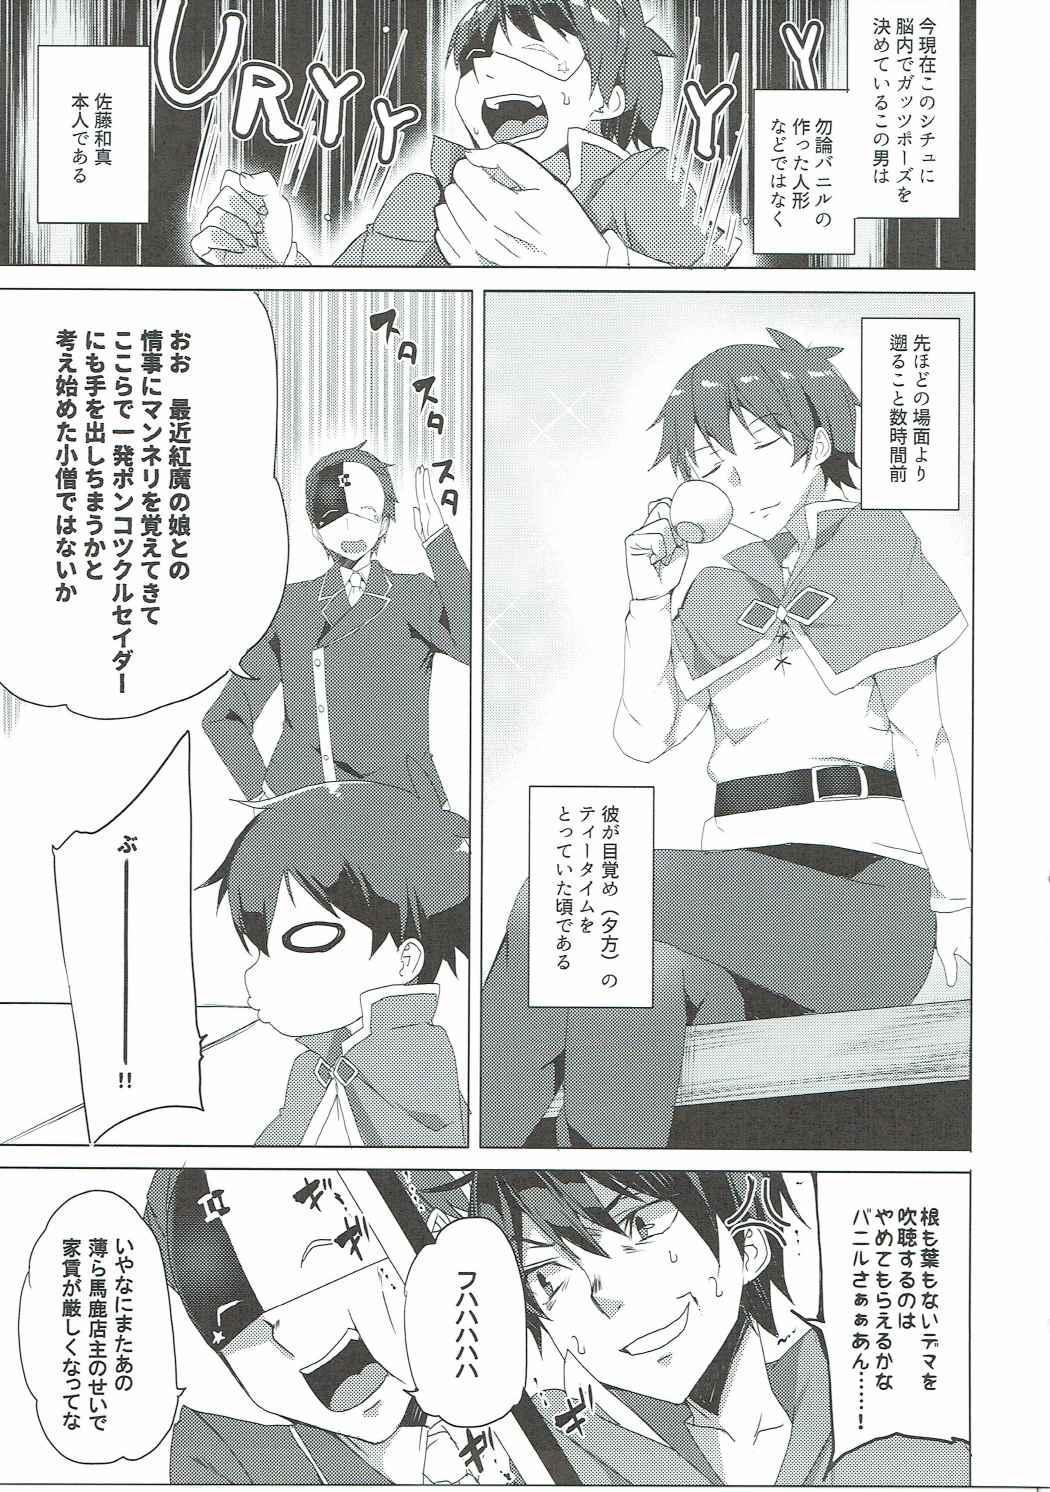 Kono Subarashii Kouma no Musume-tachi to 3P o! 11